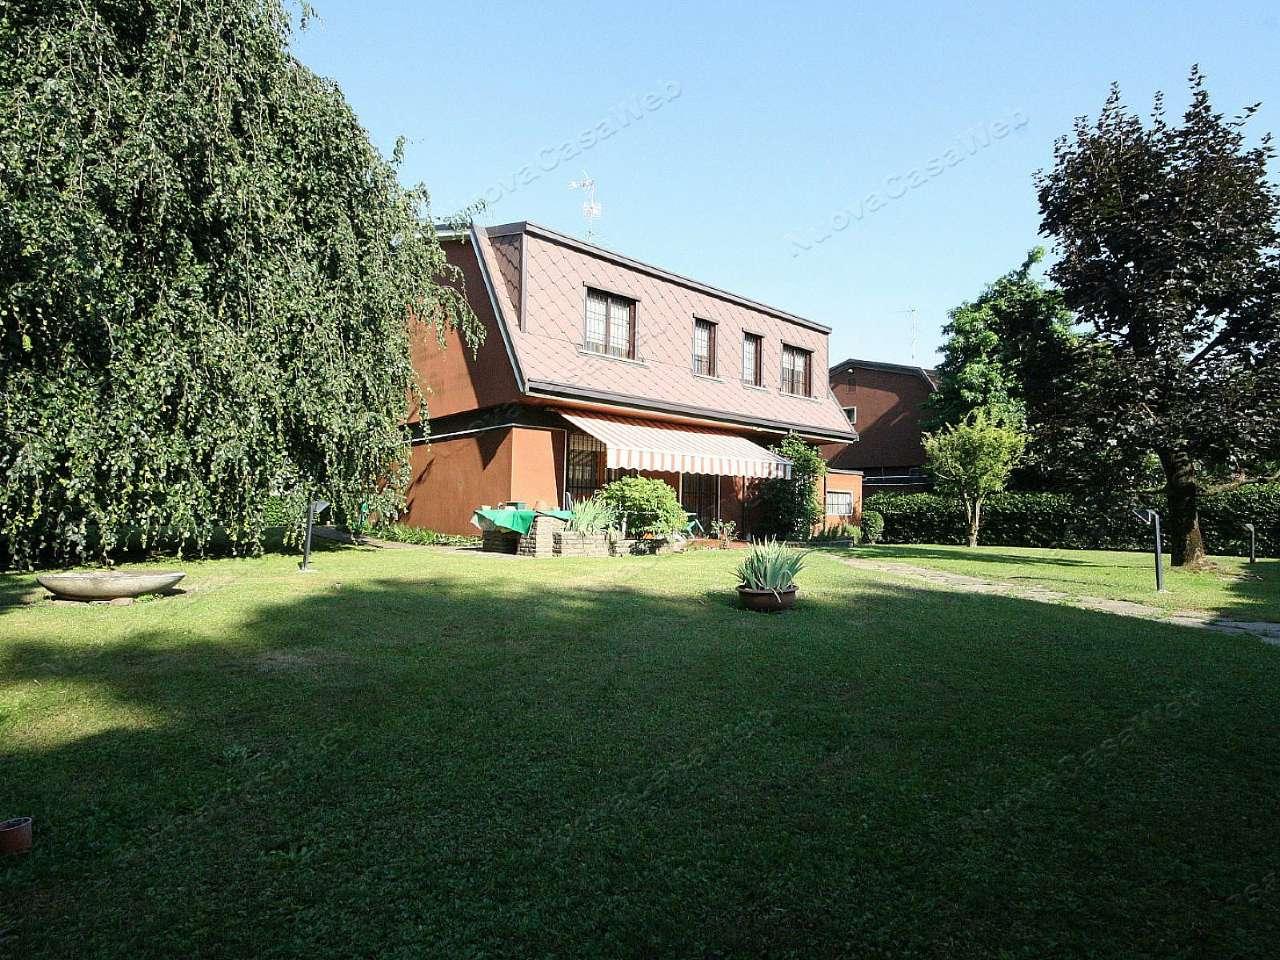 Villa in vendita a Arese, 6 locali, prezzo € 670.000 | CambioCasa.it